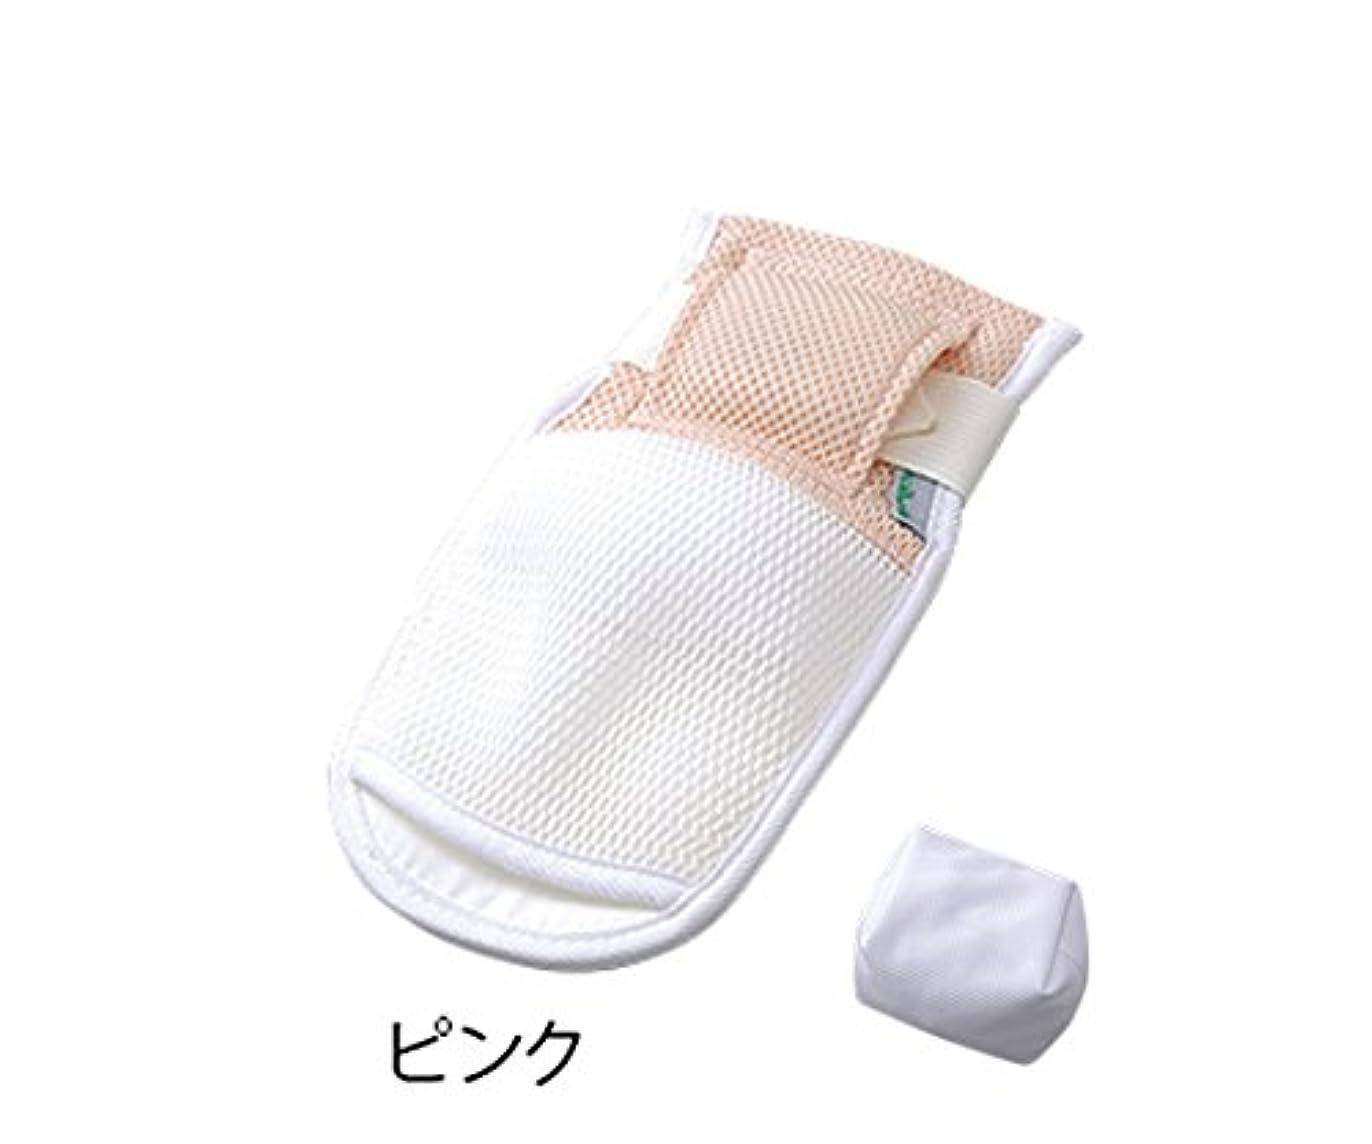 応援する便益髄ナビス(アズワン)8-2153-05抜管防止手袋TMT-SPPピンク295×145mm